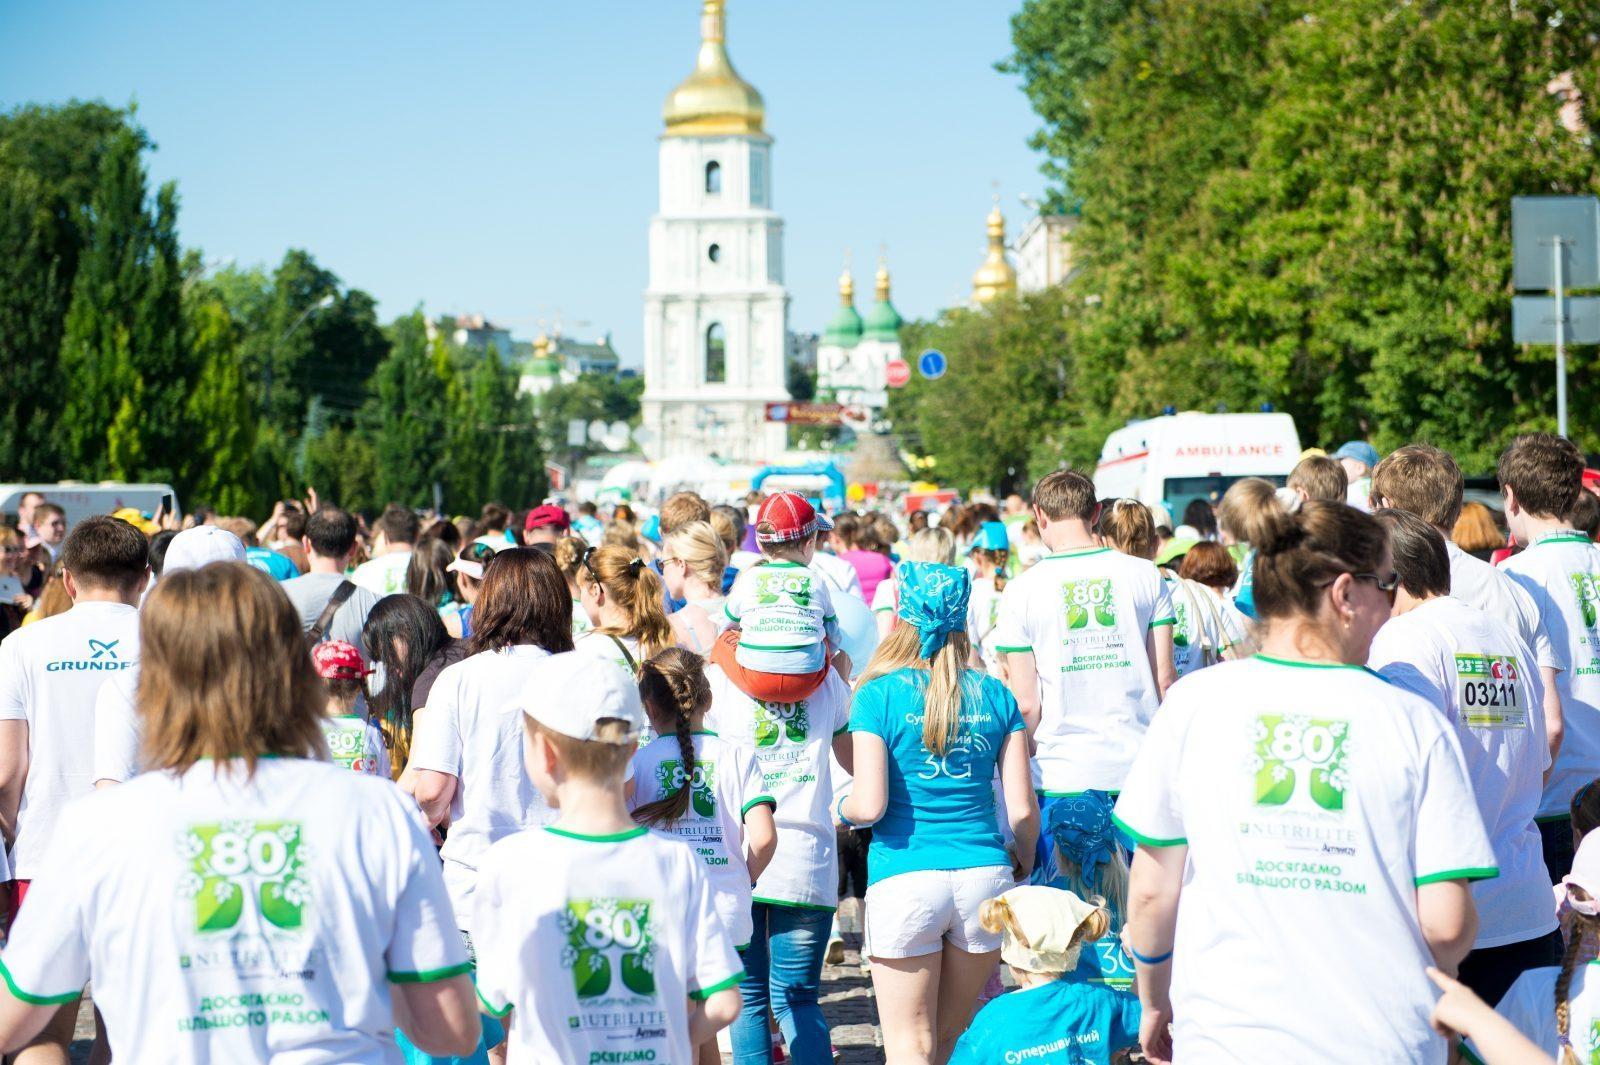 Ініціатива, яка рятує життя дітей: «Пробіг під каштанами 2016» відбудеться за підтримки Amway